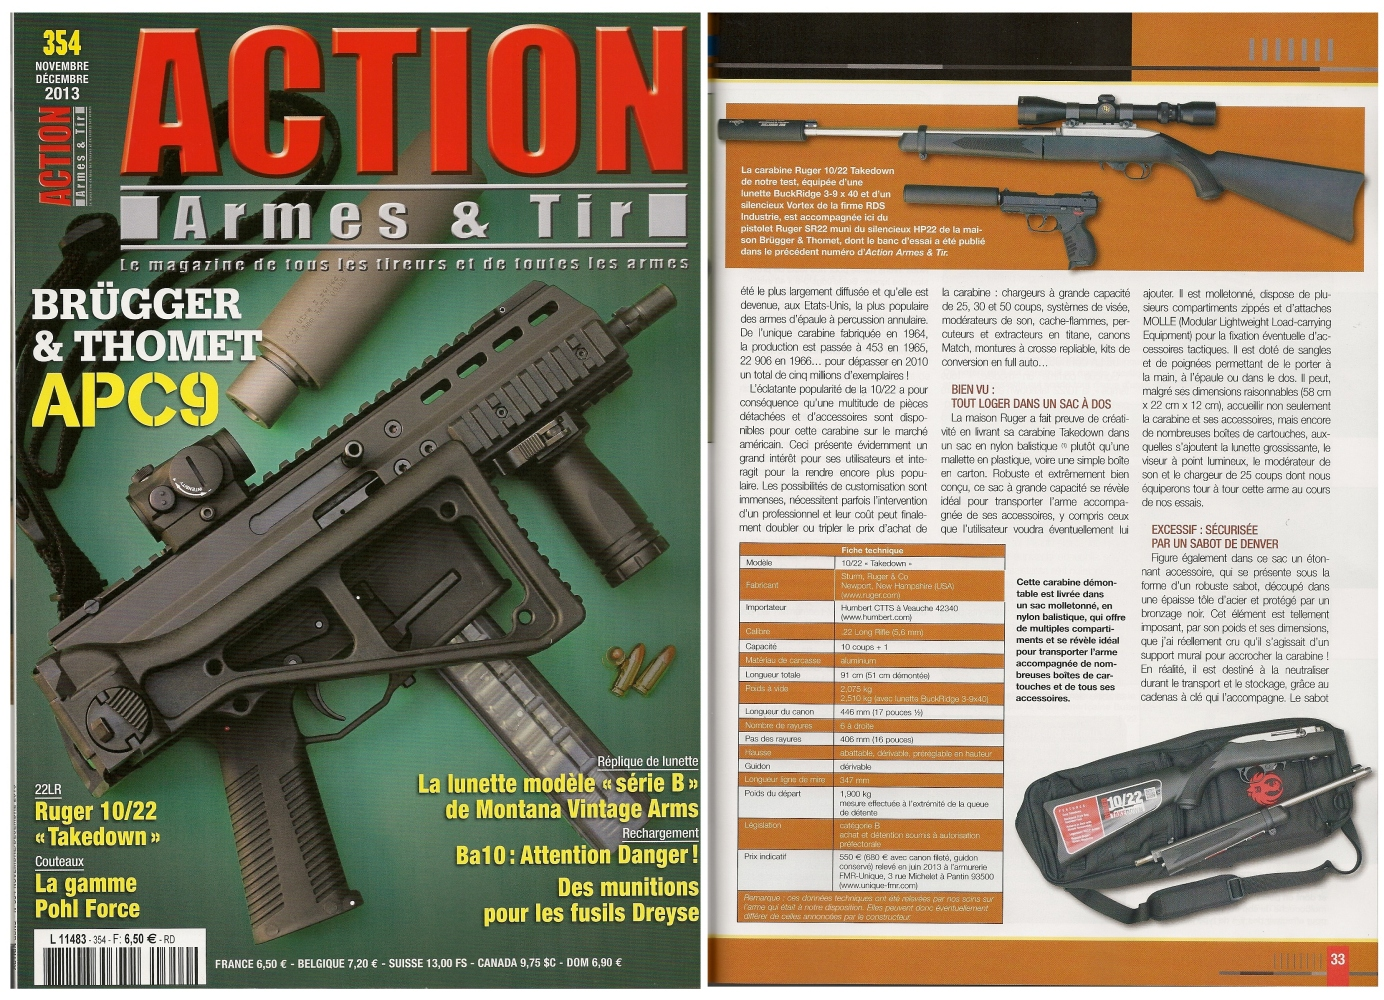 Le banc d'essai de la carabine Ruger 10/22 « Takedown » a été publié sur 7 pages dans le magazine Action Armes & Tir n°354 (novembre-décembre 2013)